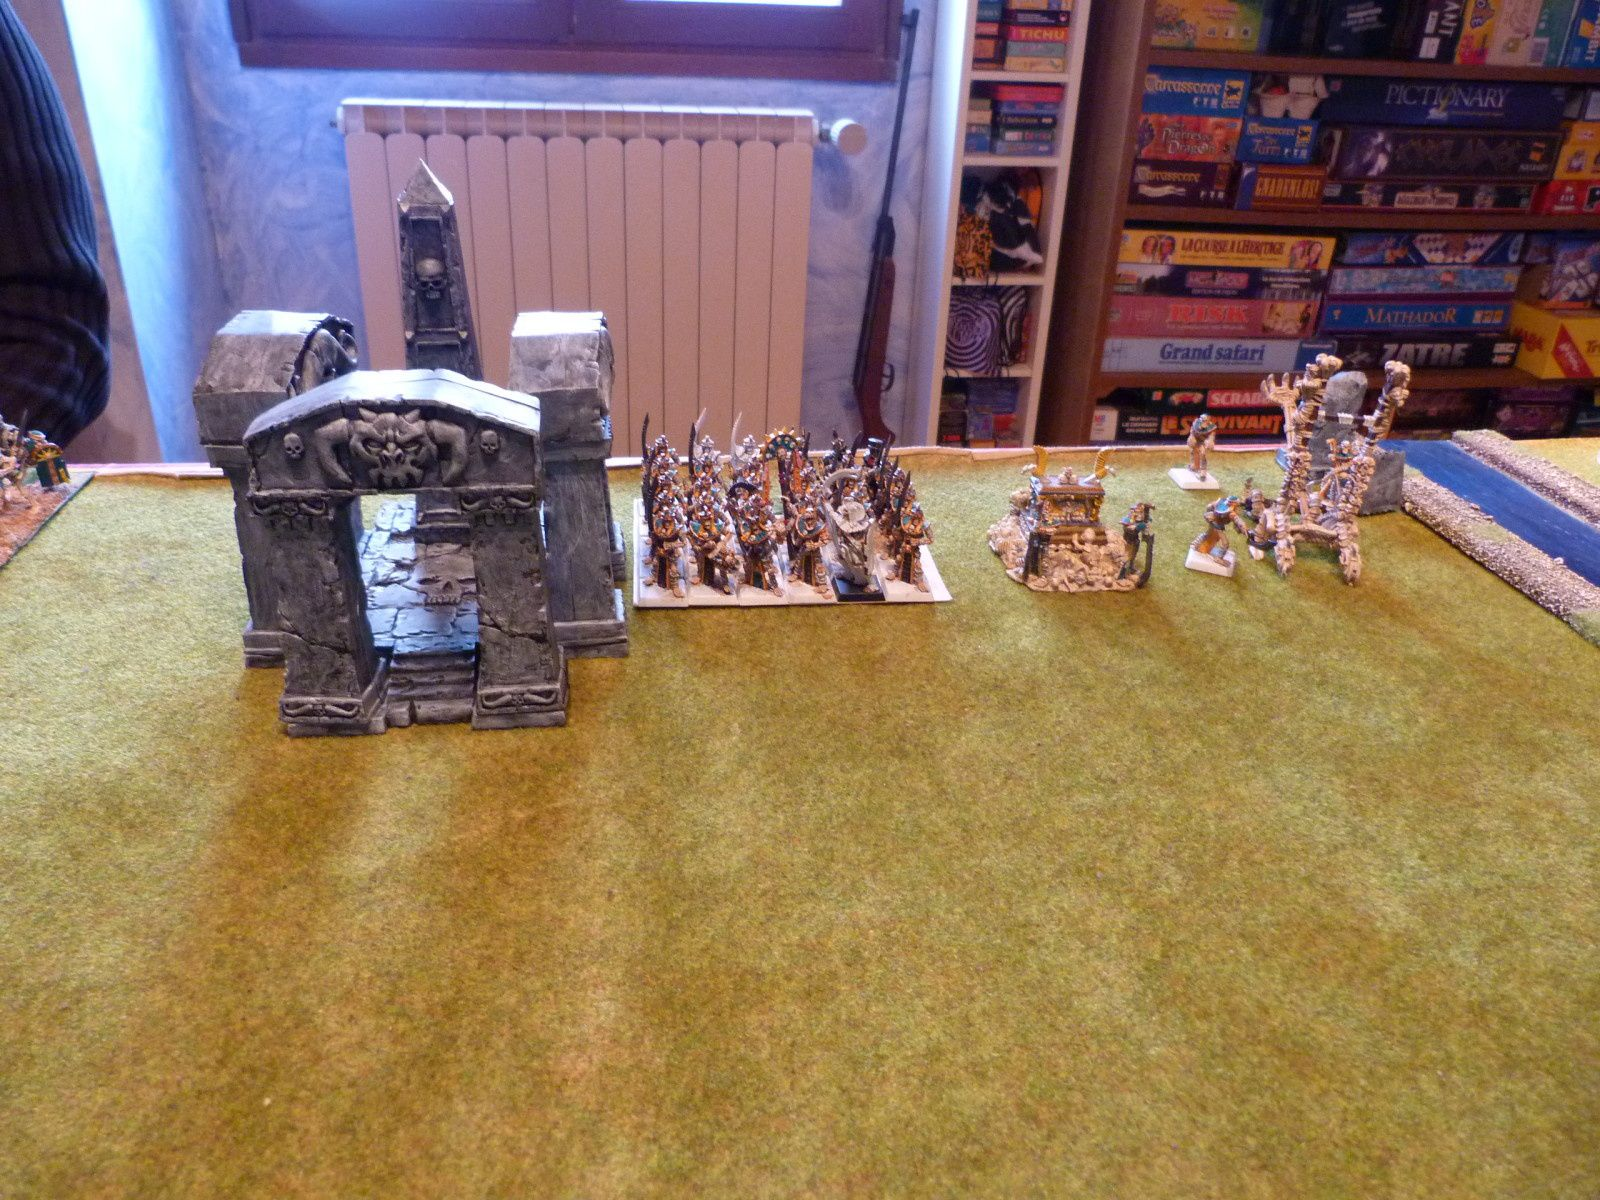 ... 30 gardiens des tombes avec un prince des tombes, une arche et une catapulte.